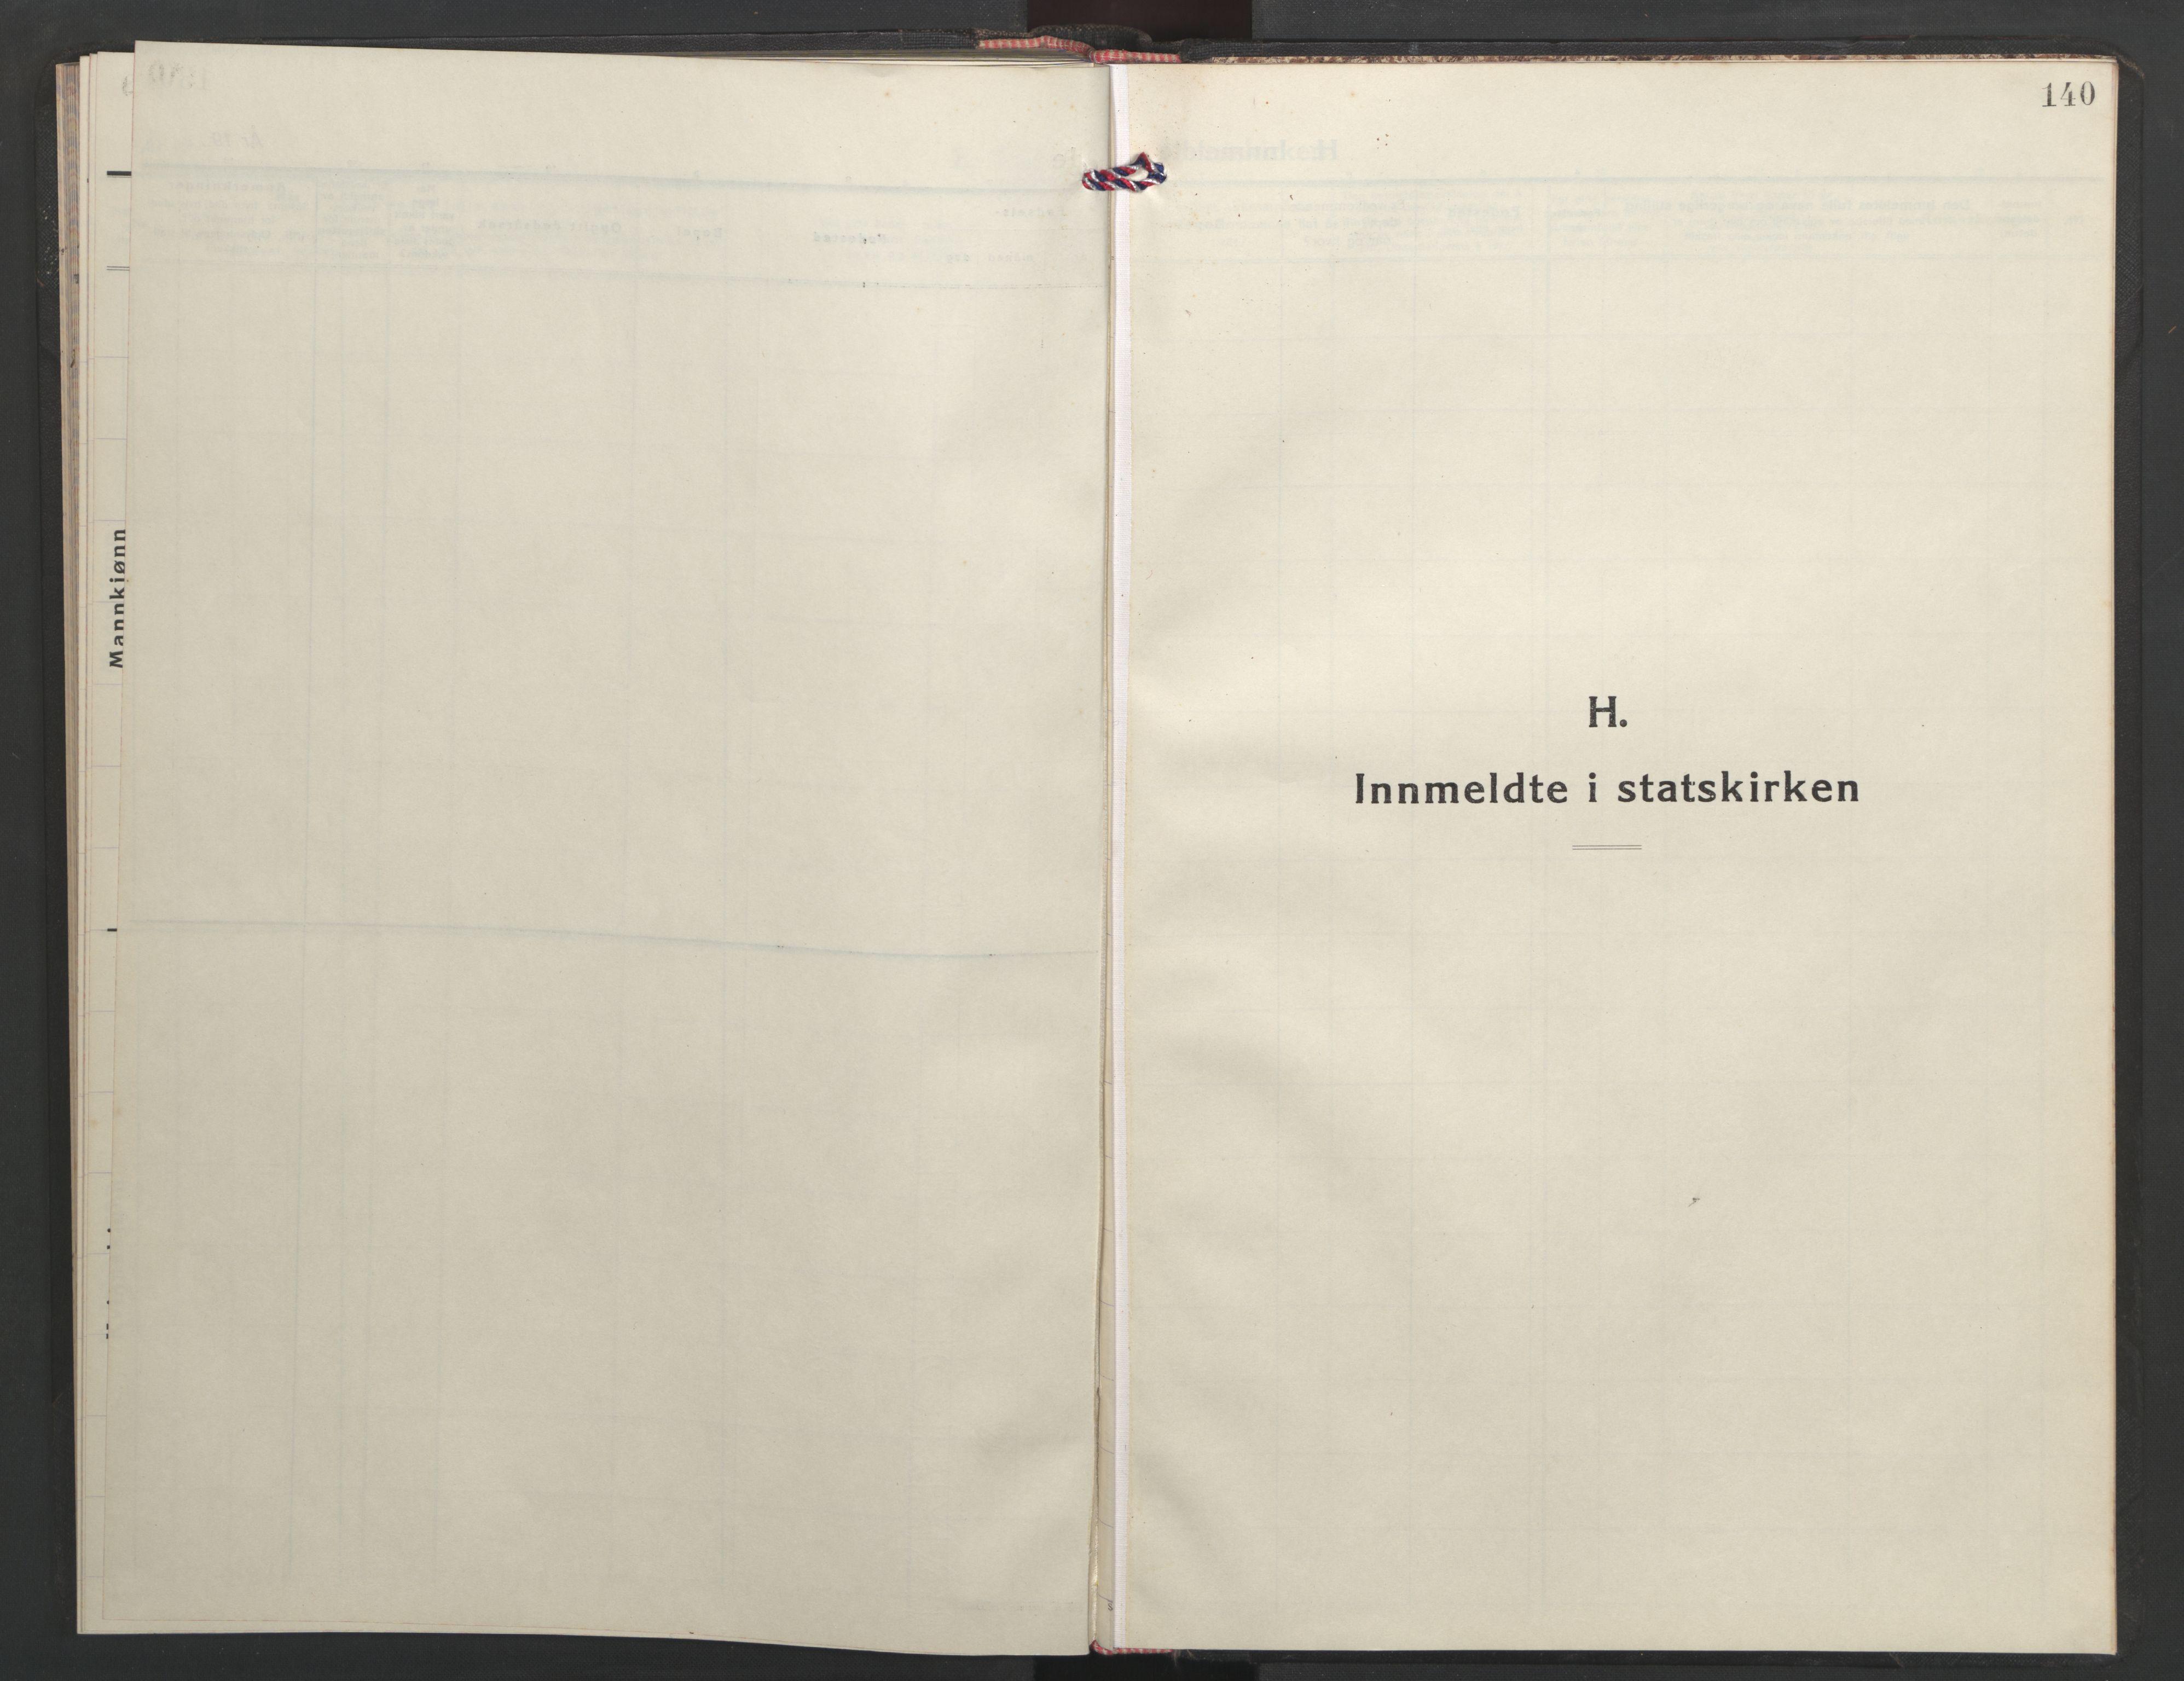 SAT, Ministerialprotokoller, klokkerbøker og fødselsregistre - Sør-Trøndelag, 635/L0556: Klokkerbok nr. 635C04, 1943-1945, s. 140